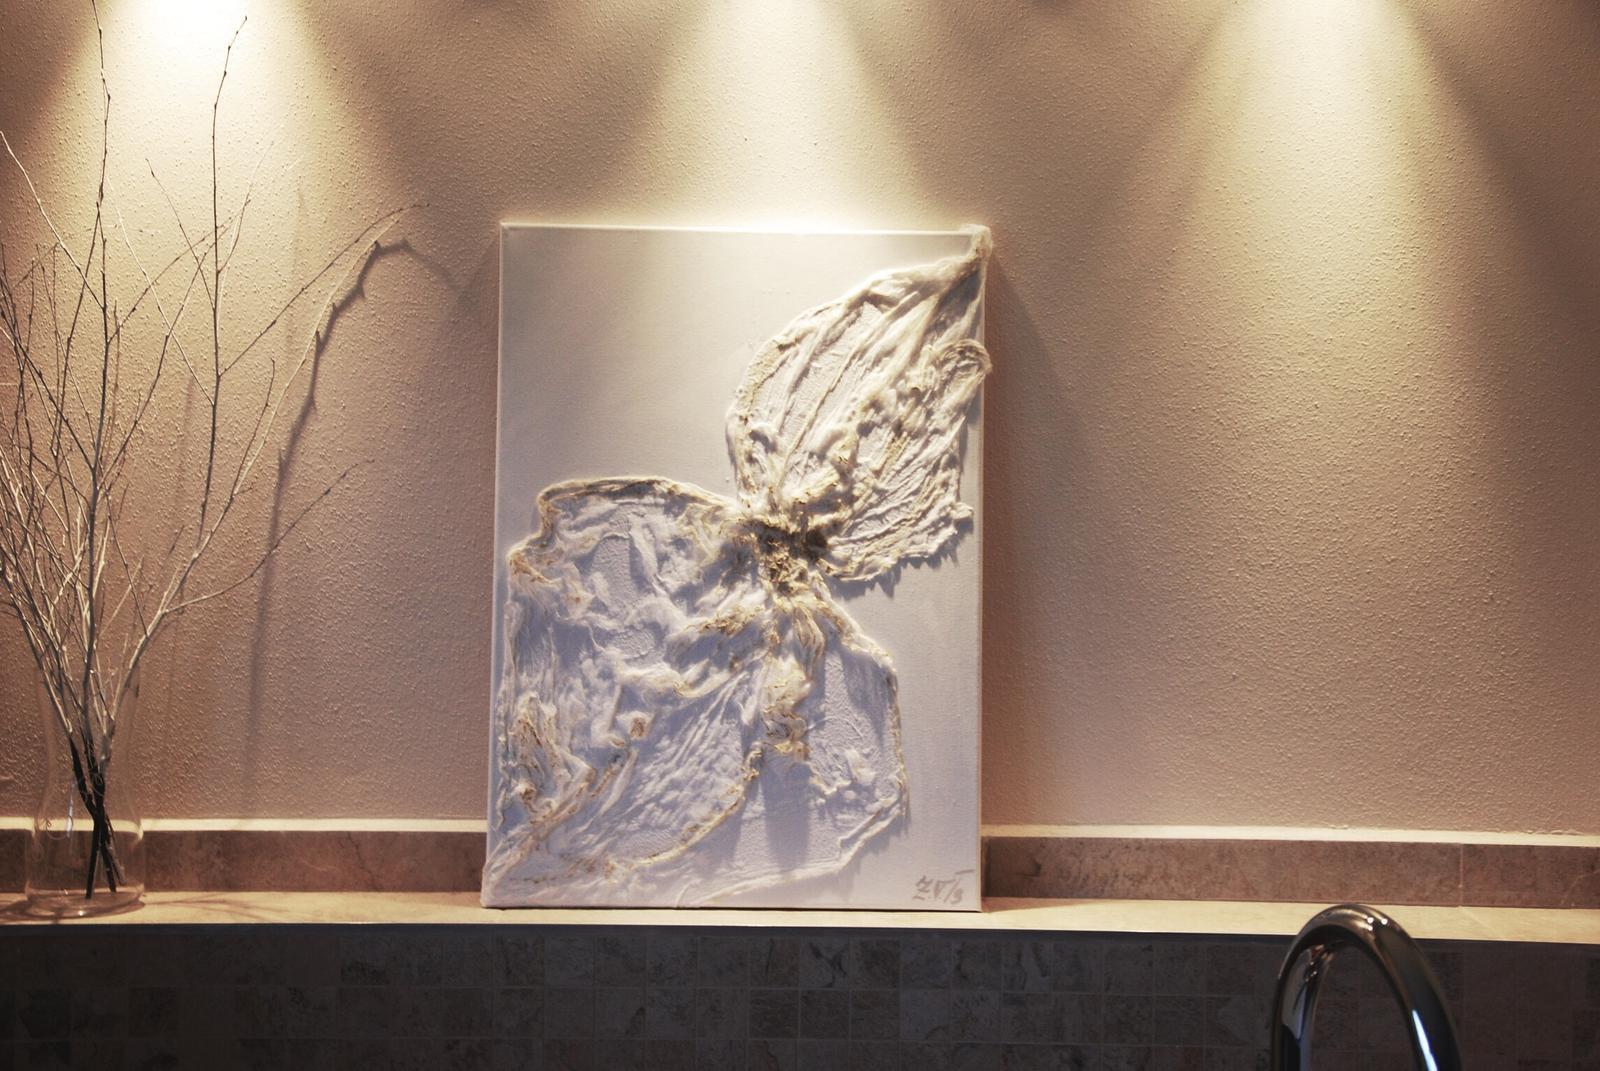 Mé obrazy v interiérech - Obrázek č. 2